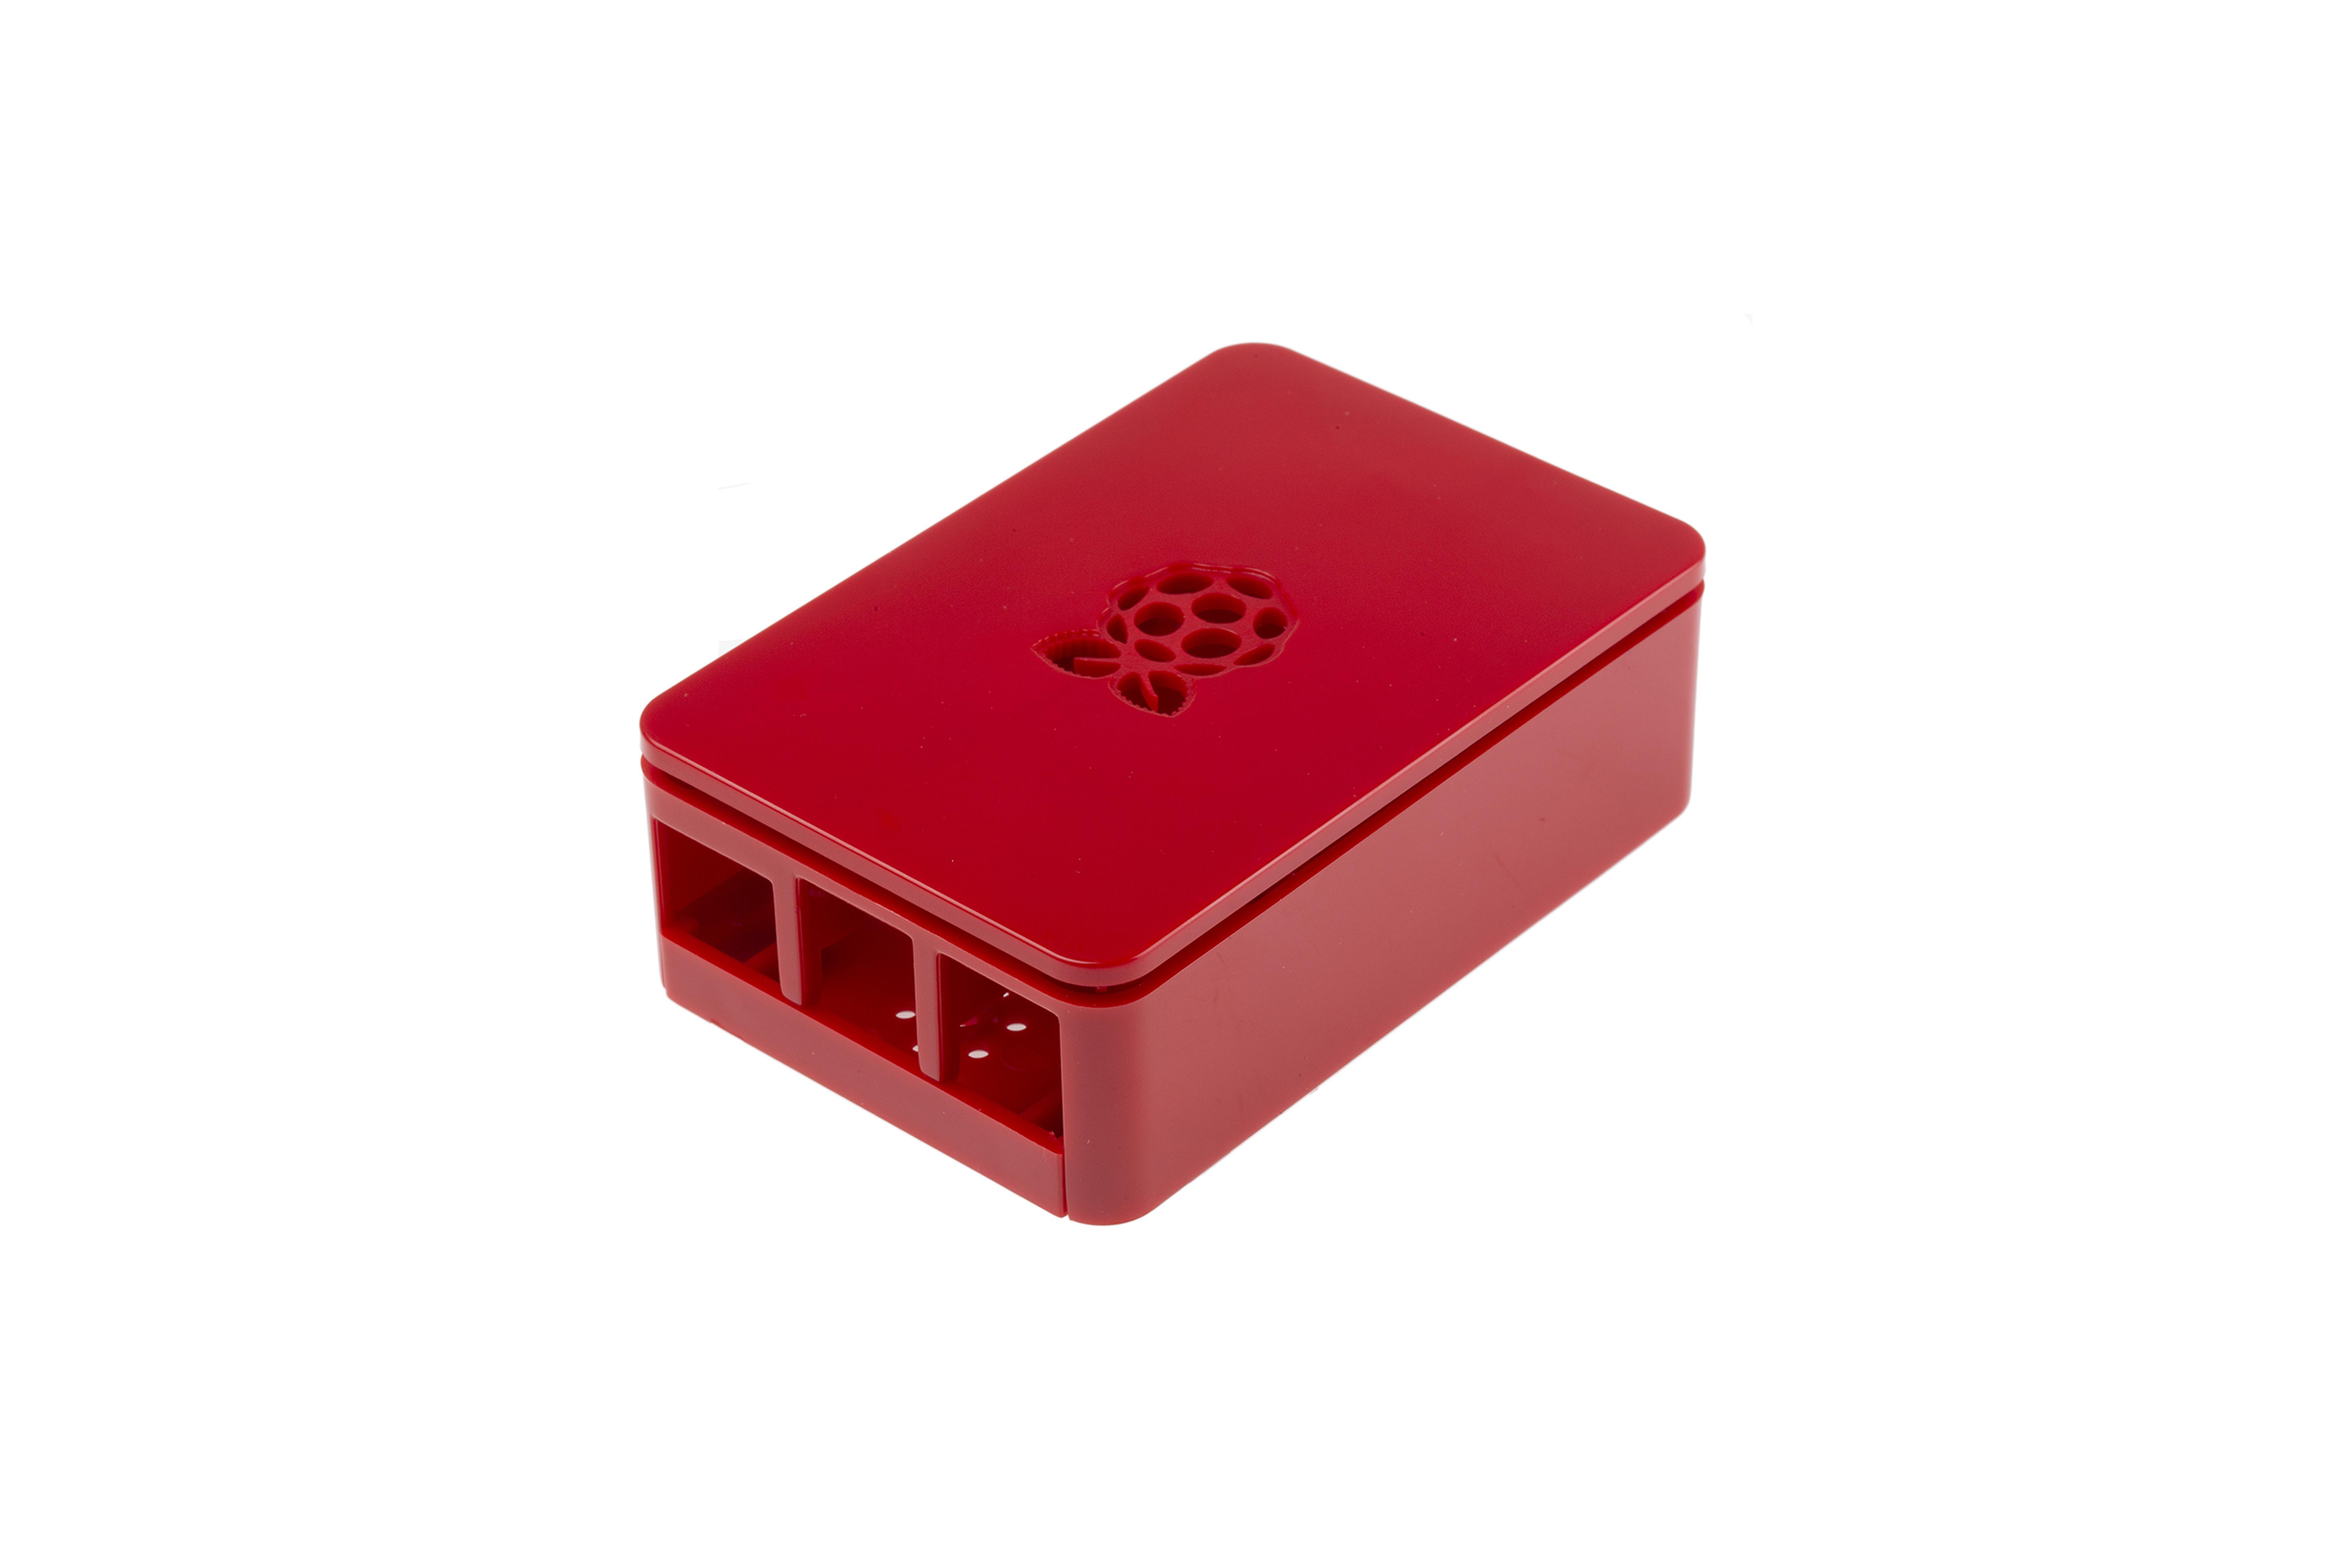 Boîtier pour Raspberry Pi 3, rouge